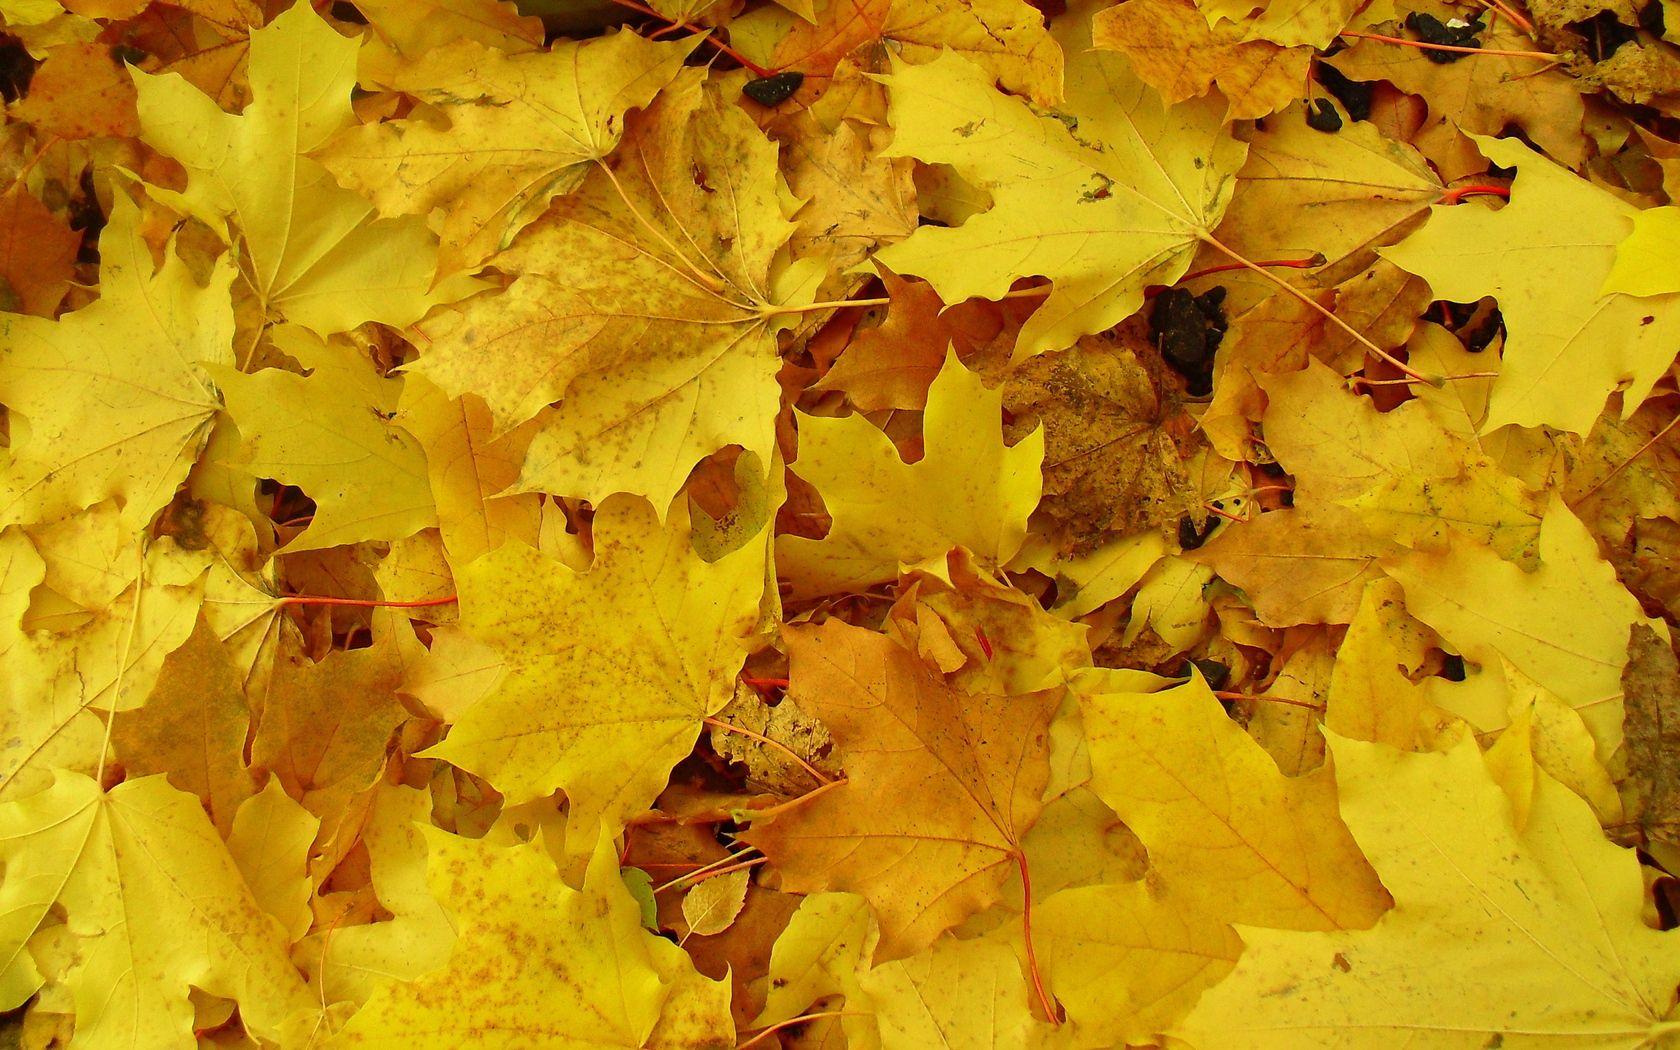 85990 обои 1125x2436 на телефон бесплатно, скачать картинки Фон, Природа, Листья, Земля, Желтый, Кленовые 1125x2436 на мобильный